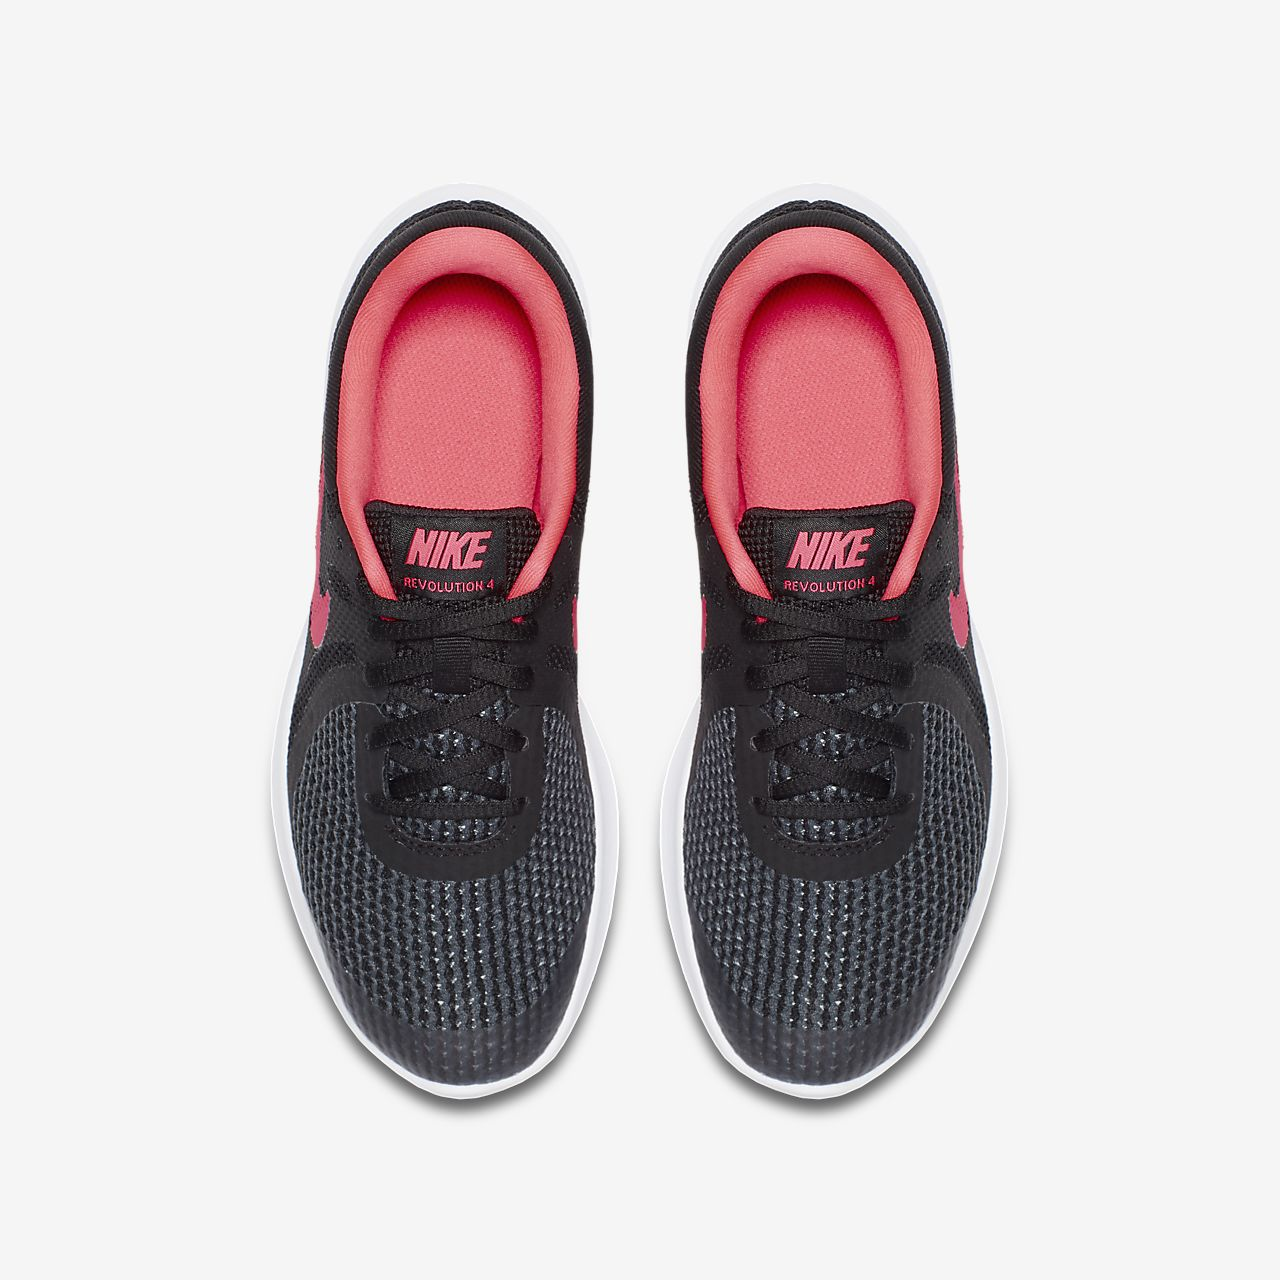 Enfant Running Revolution 4 Nike Plus Chaussure De Pour ÂgéBe 6gyYfbv7